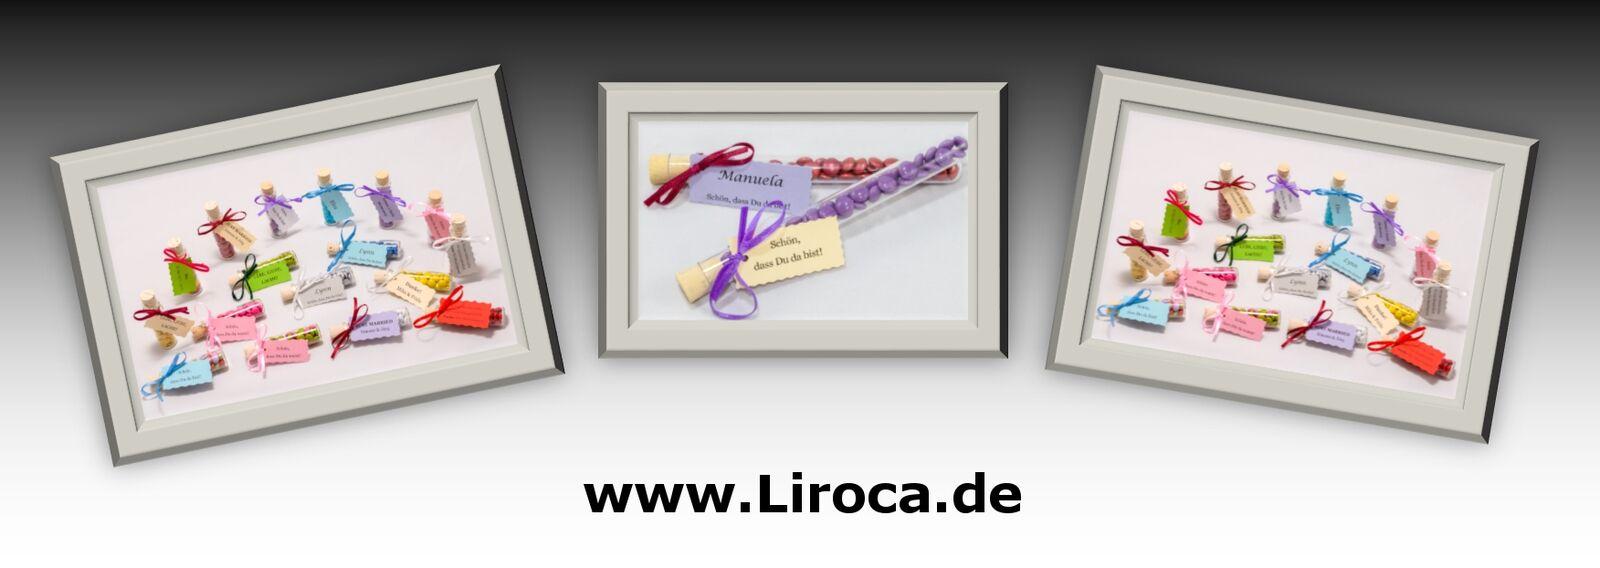 Kleingeschenke von Liroca e.K.